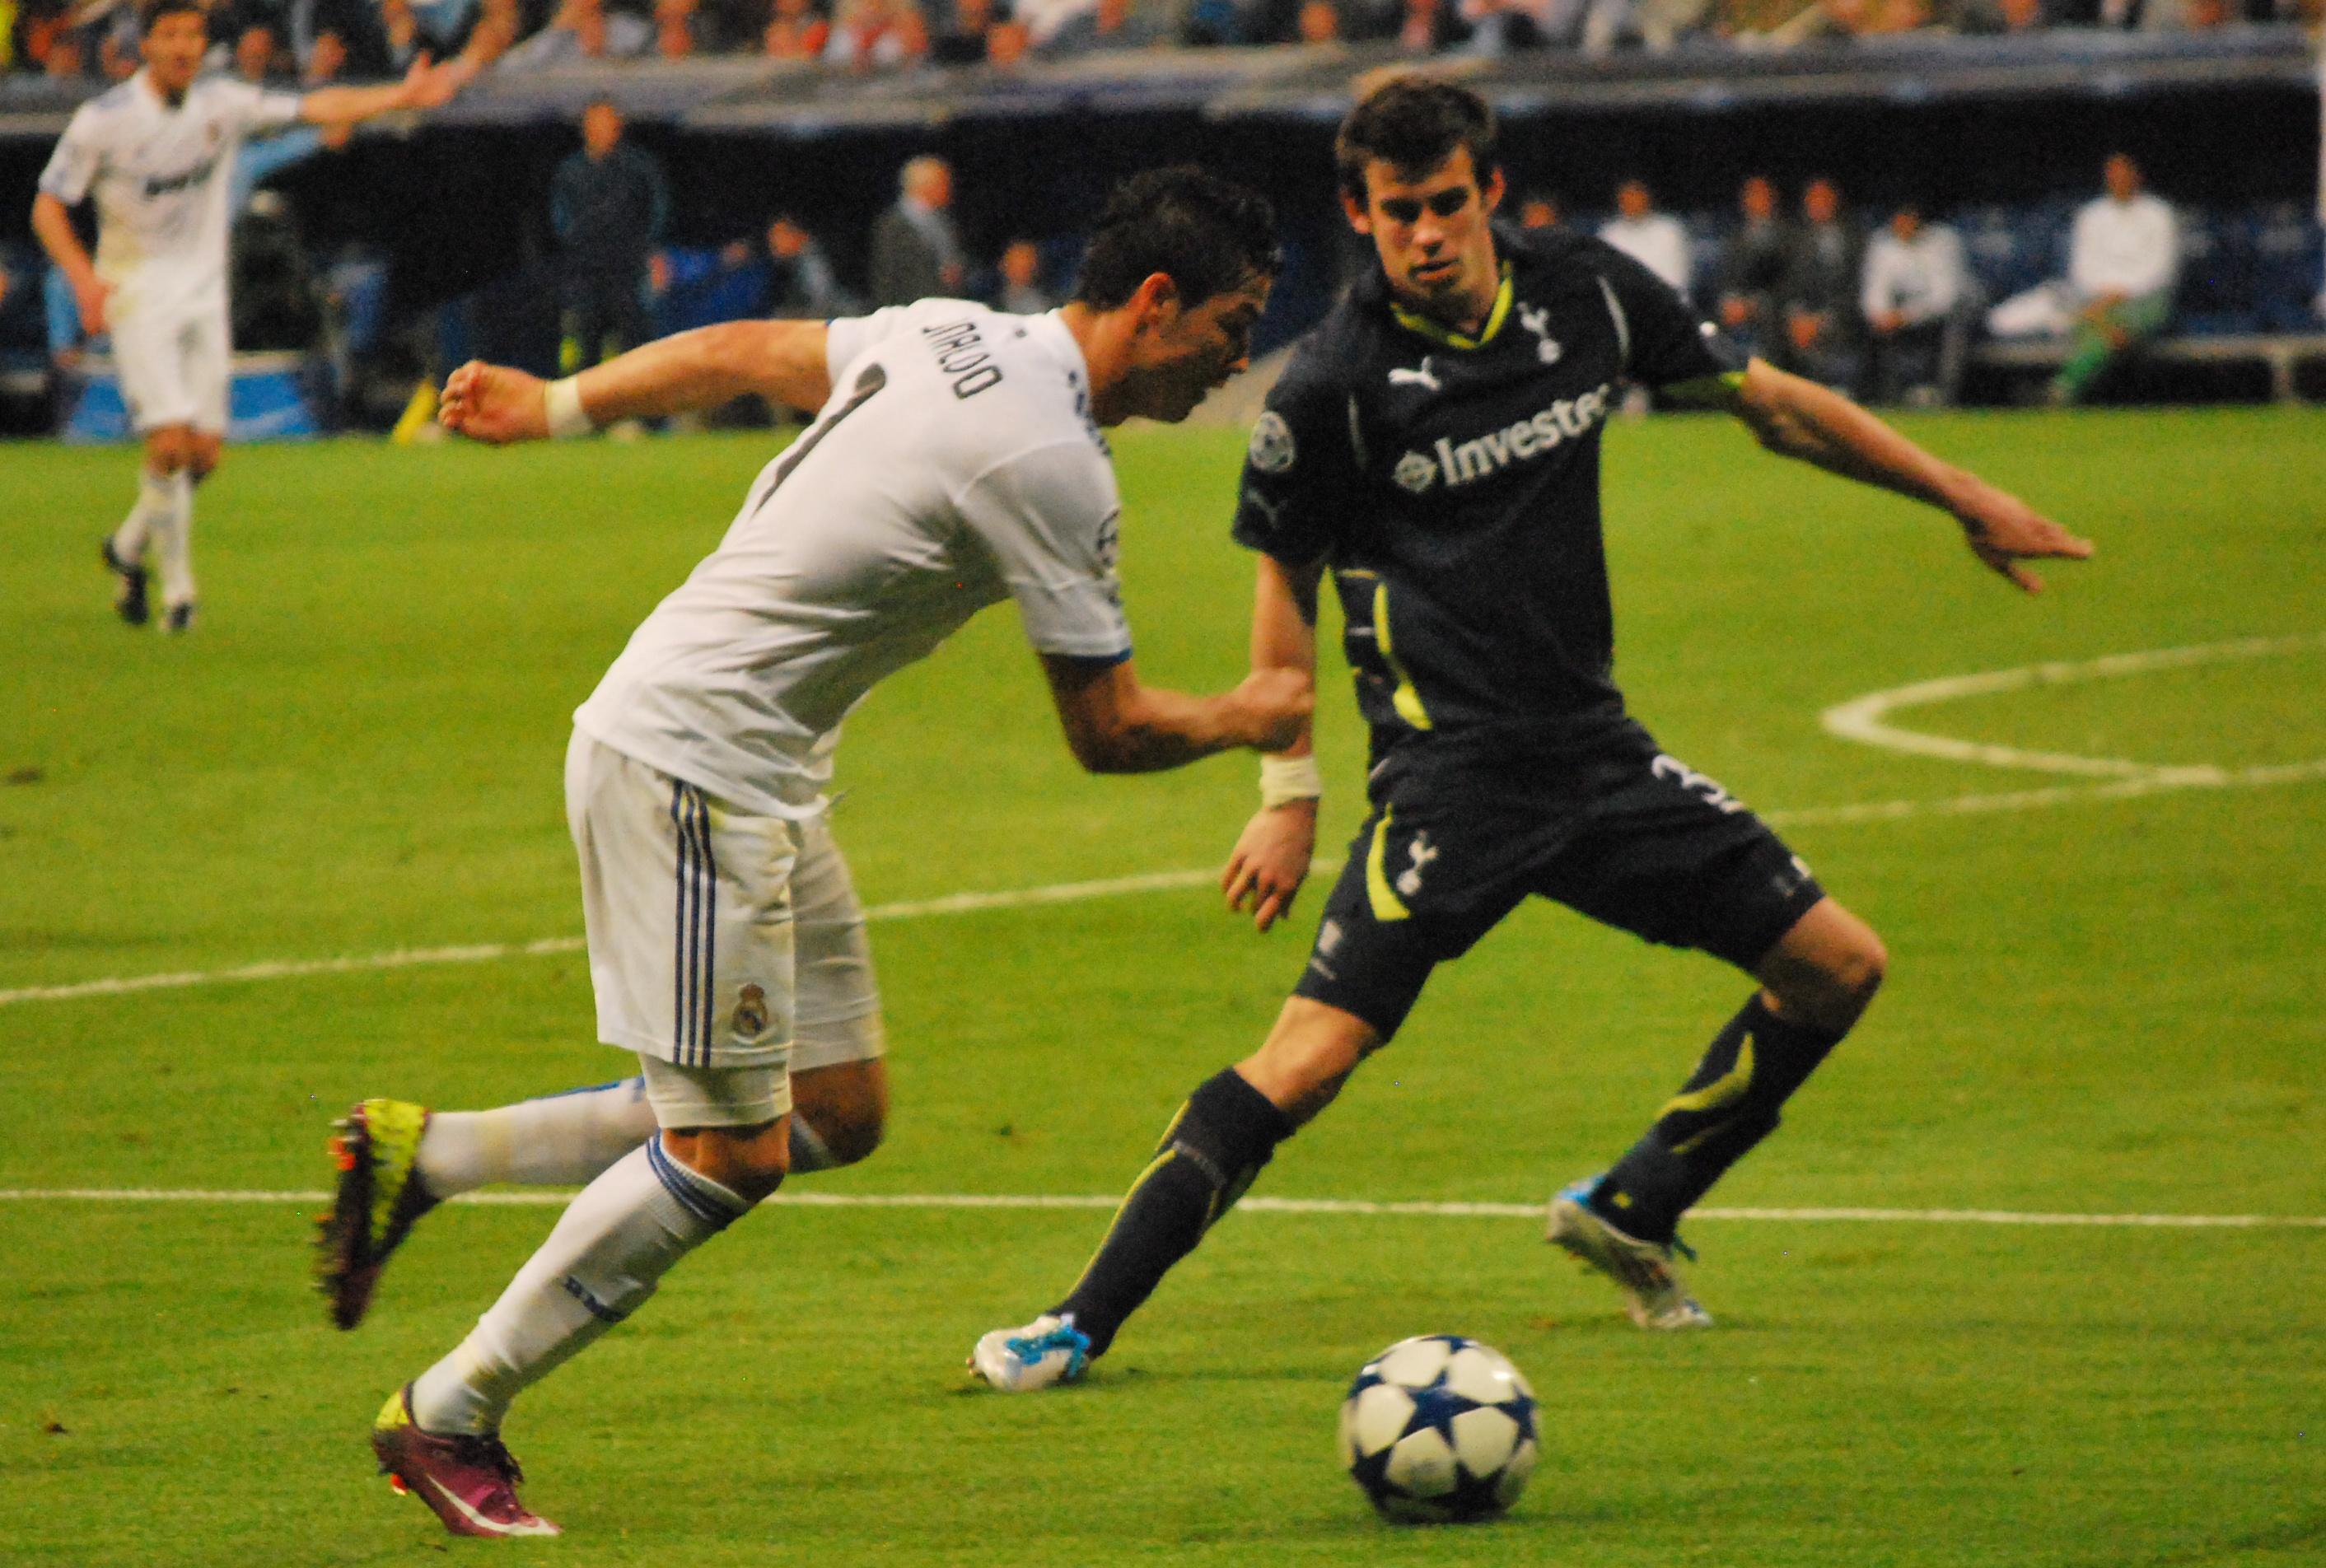 Ronaldo em partida da Liga dos Campeões da UEFA de 2010-11 f2966f223c826